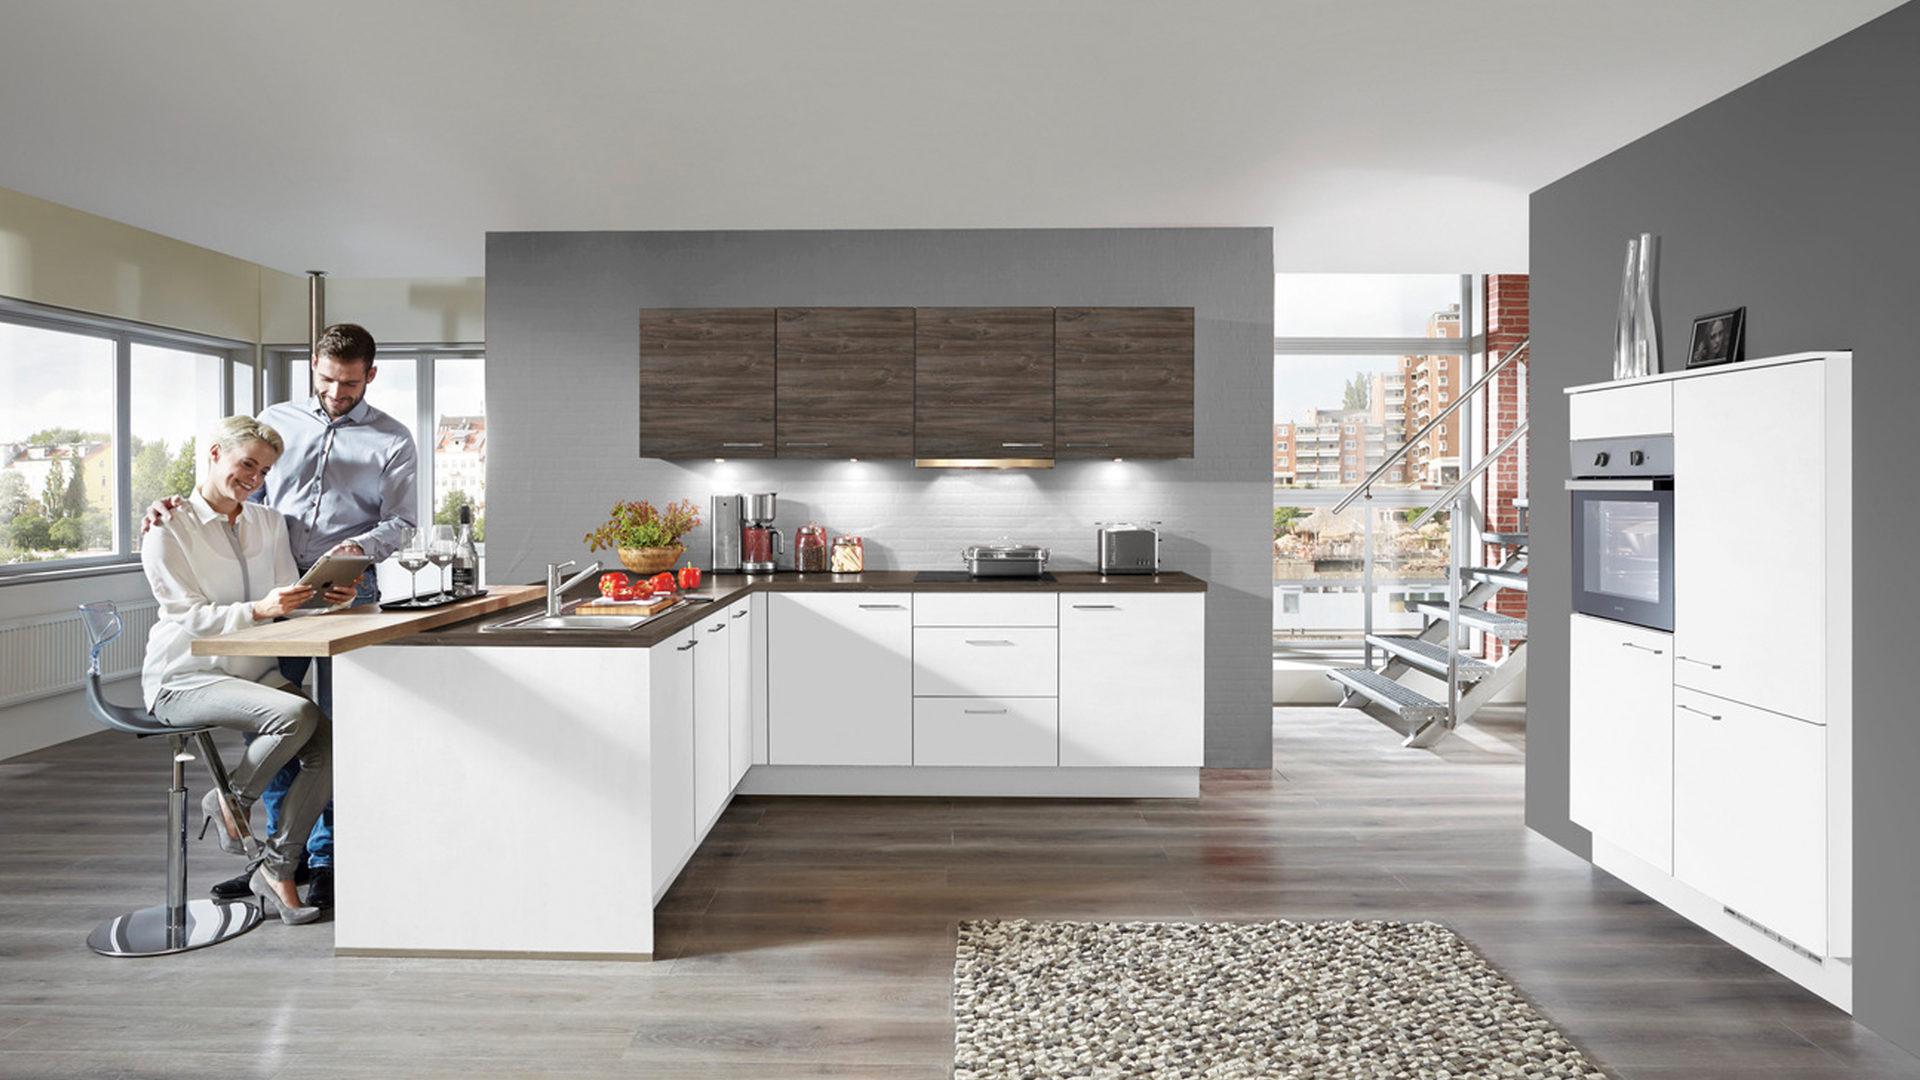 Wohnberatung Bühlen Kaunitz Verl, Räume, Küche, Einbauküche ...